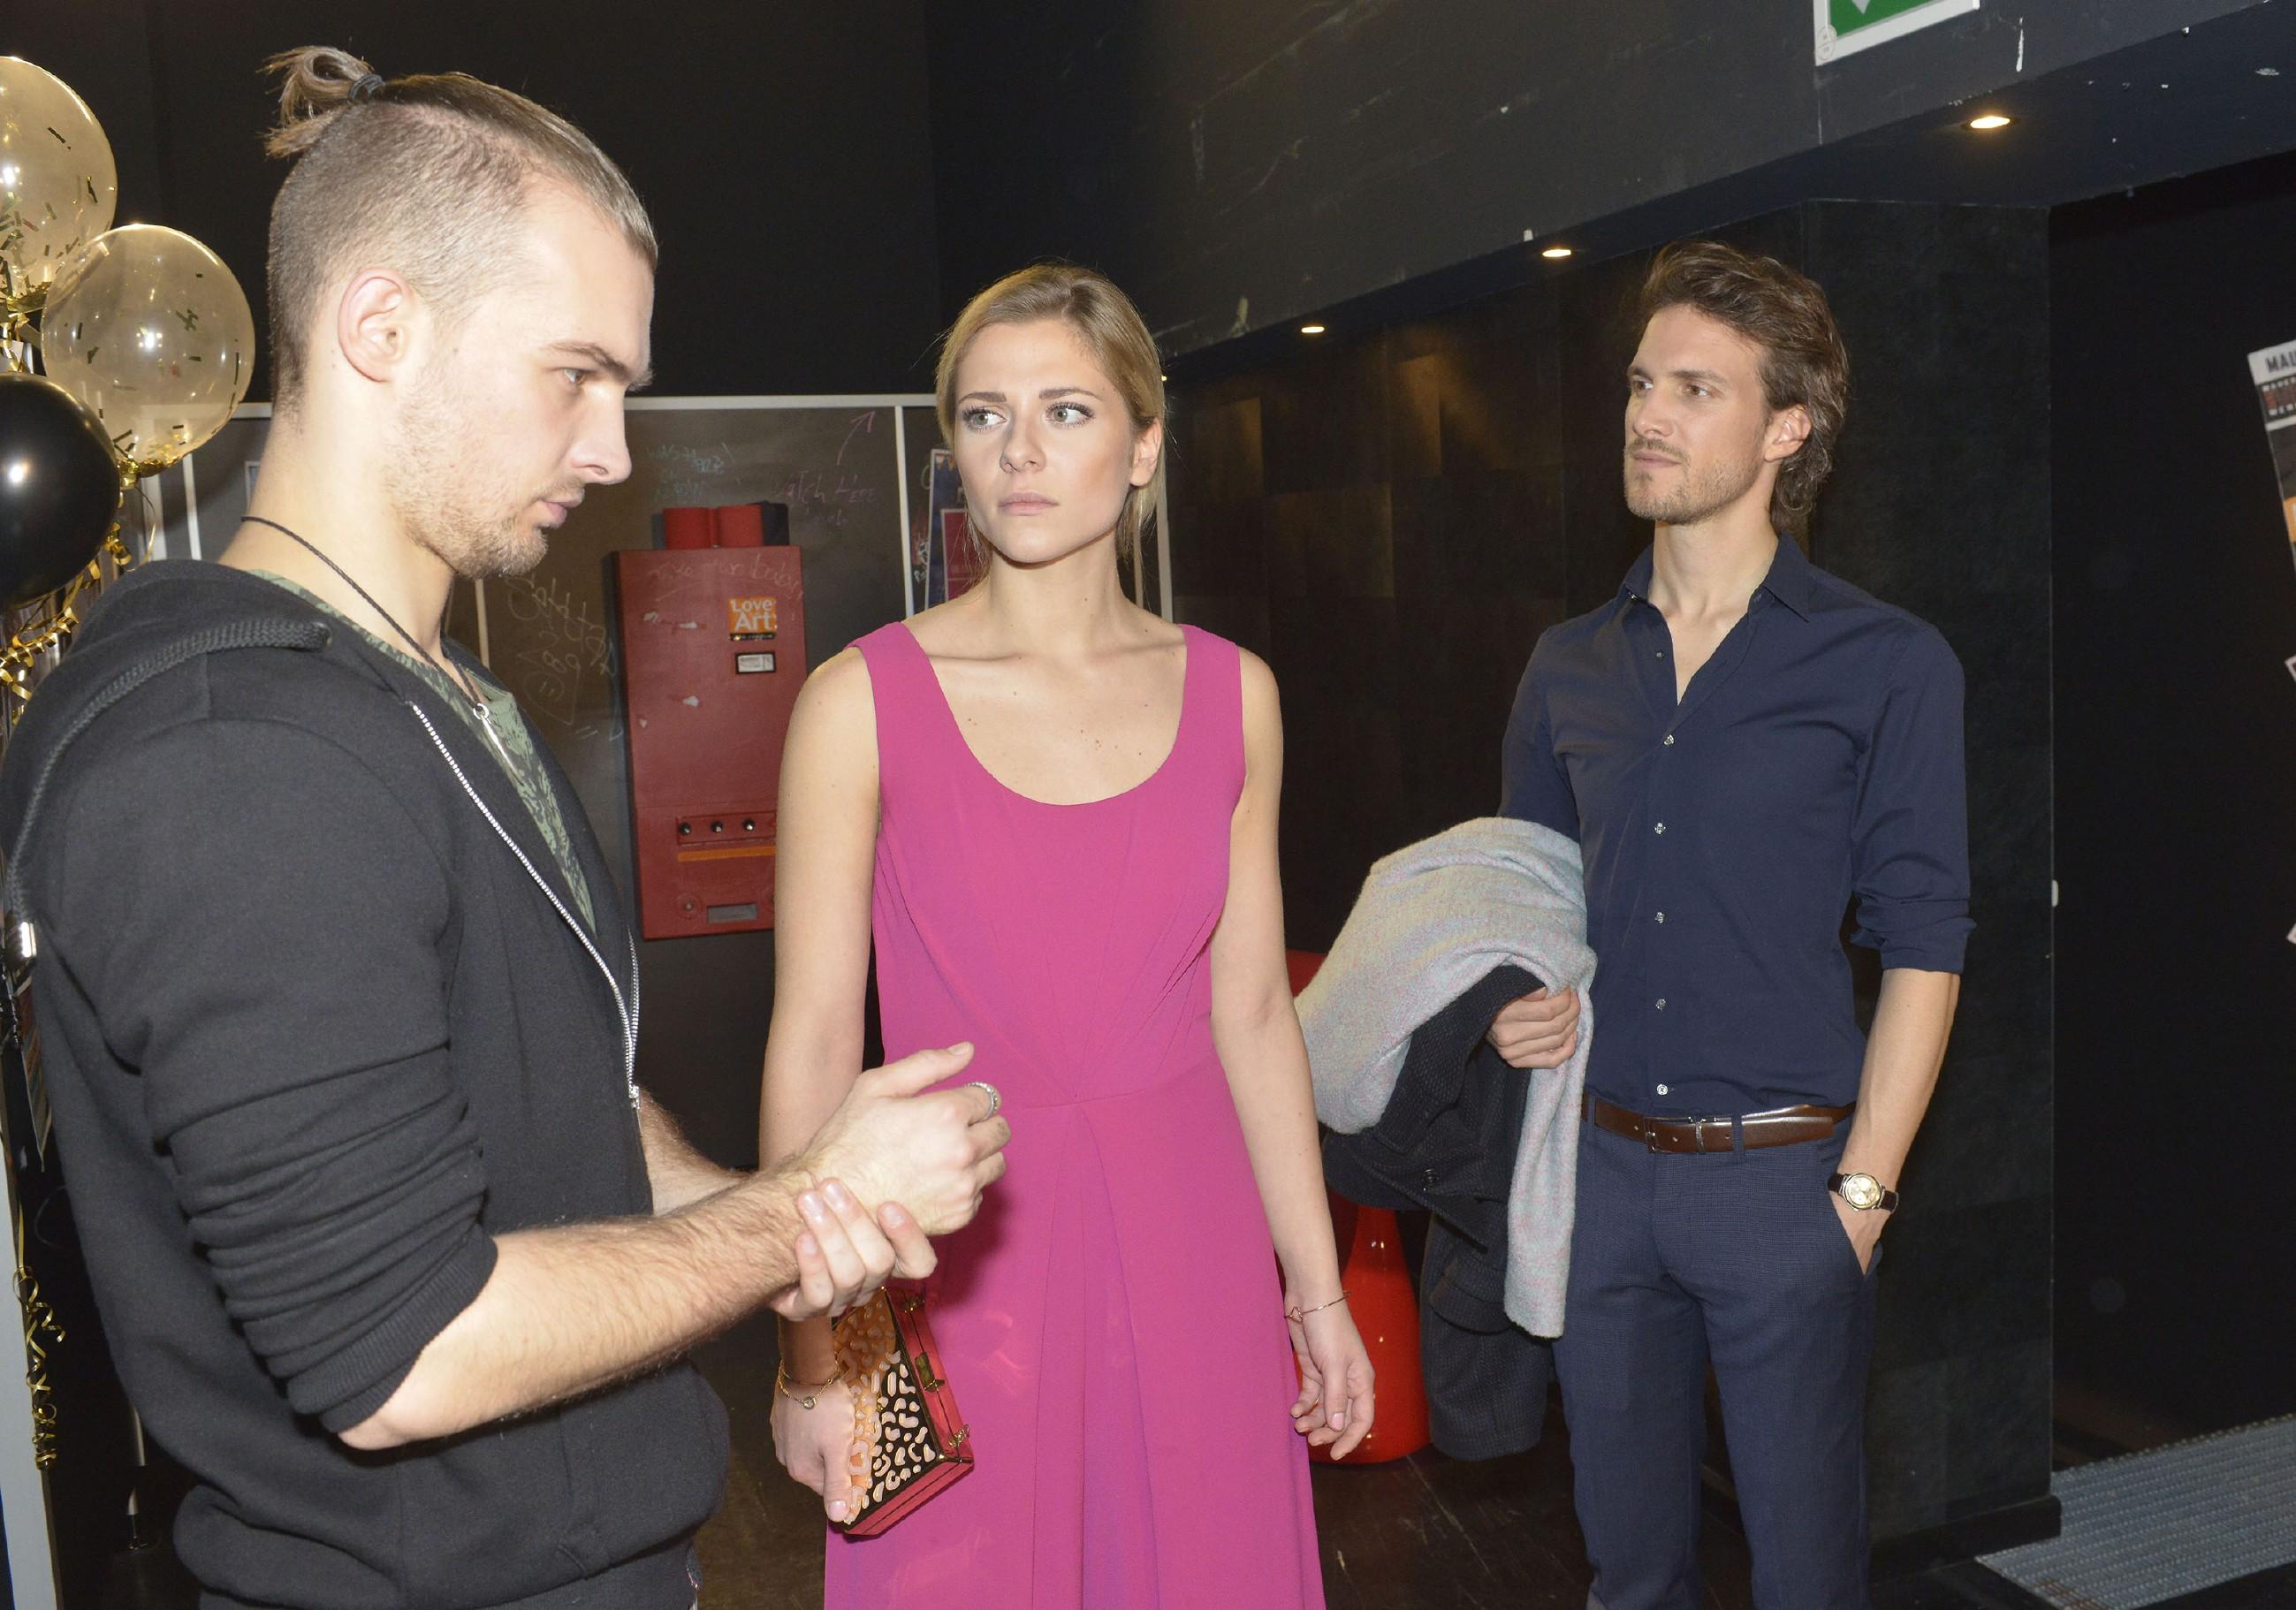 Nachdem Chris (Eric Stehfest, l.) Sunny (Valentina Pahde) mit einem Kuss überrumpelt hat, taucht plötzlich Felix (Thaddäus Meilinger) auf und Chris' Verunsicherung wächst... (Quelle: RTL / Rolf Baumgartner)